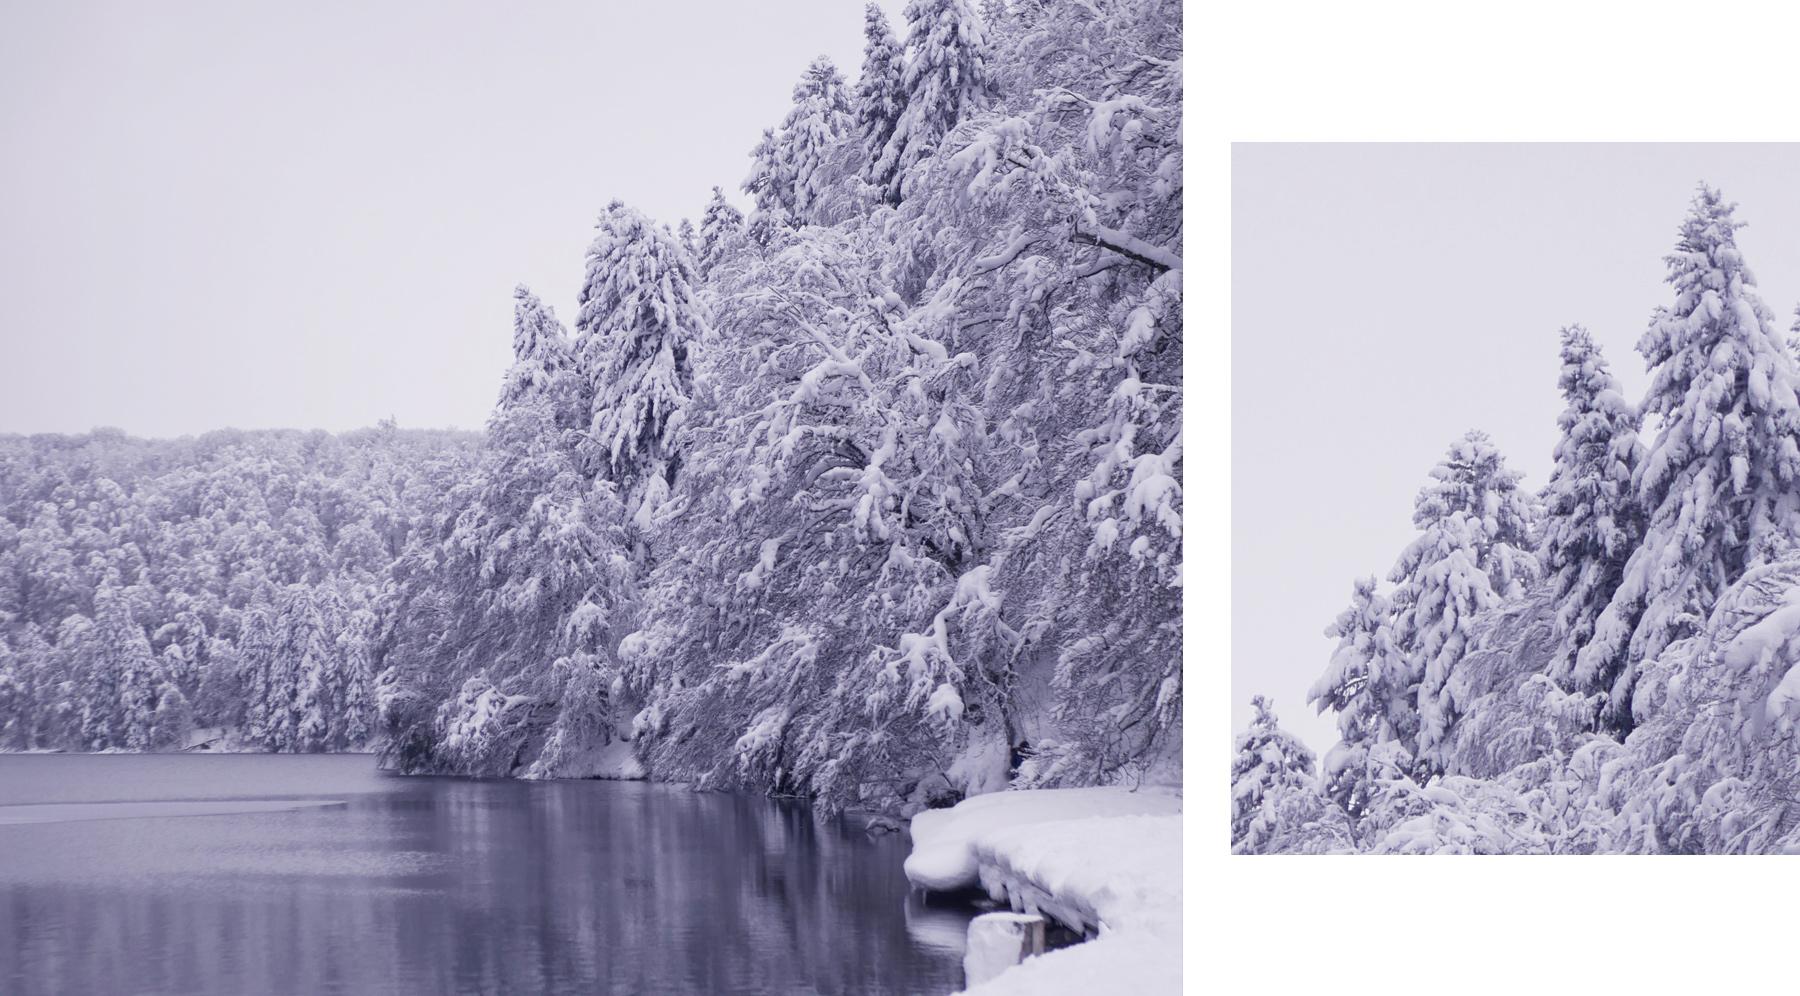 lac pavin enneigé